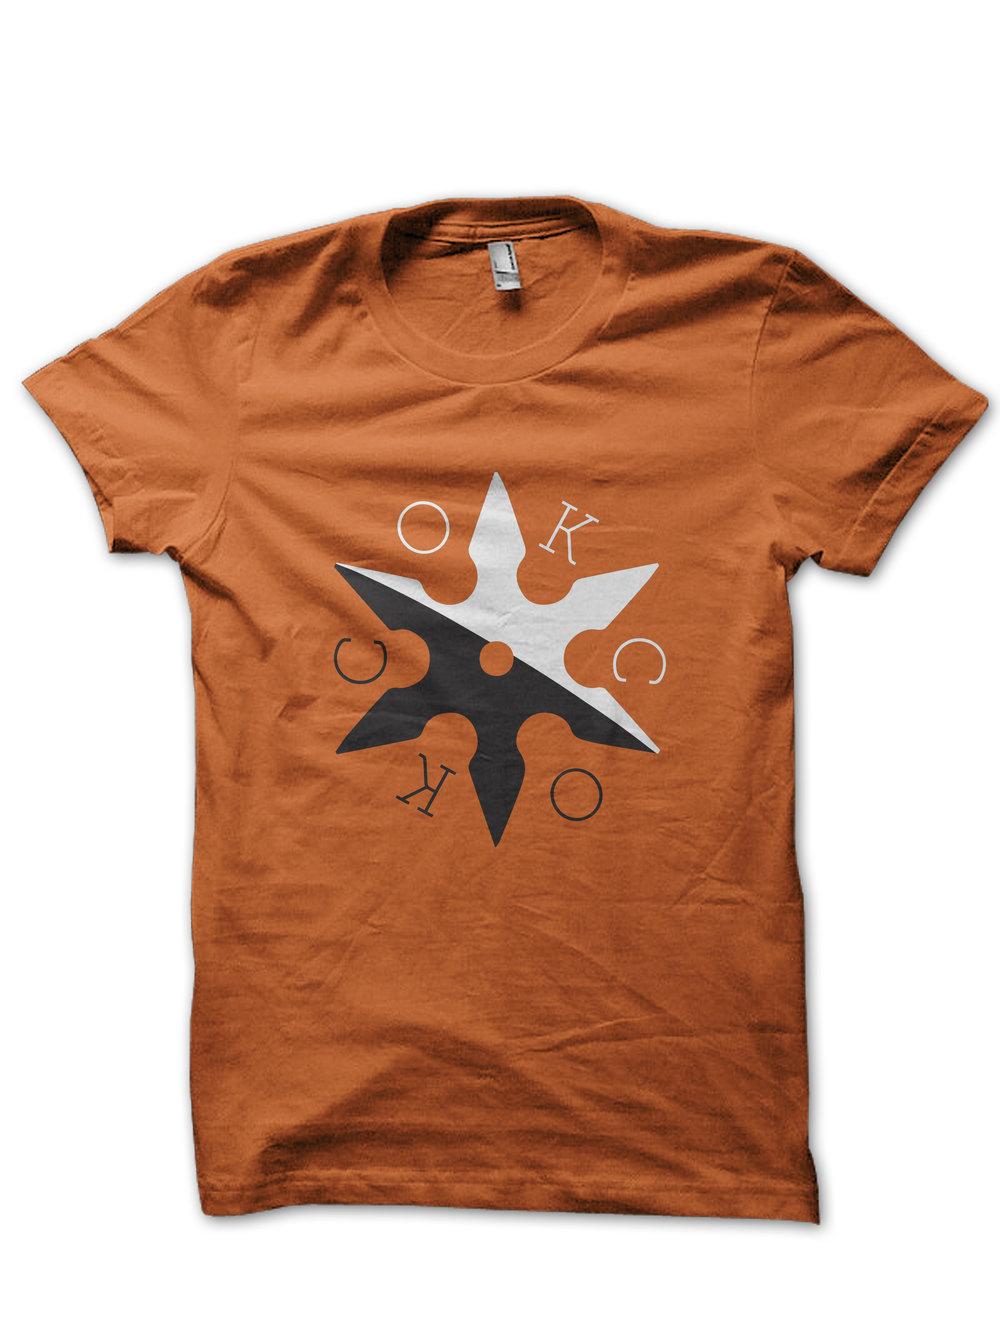 OKC shuriken shirt.jpg